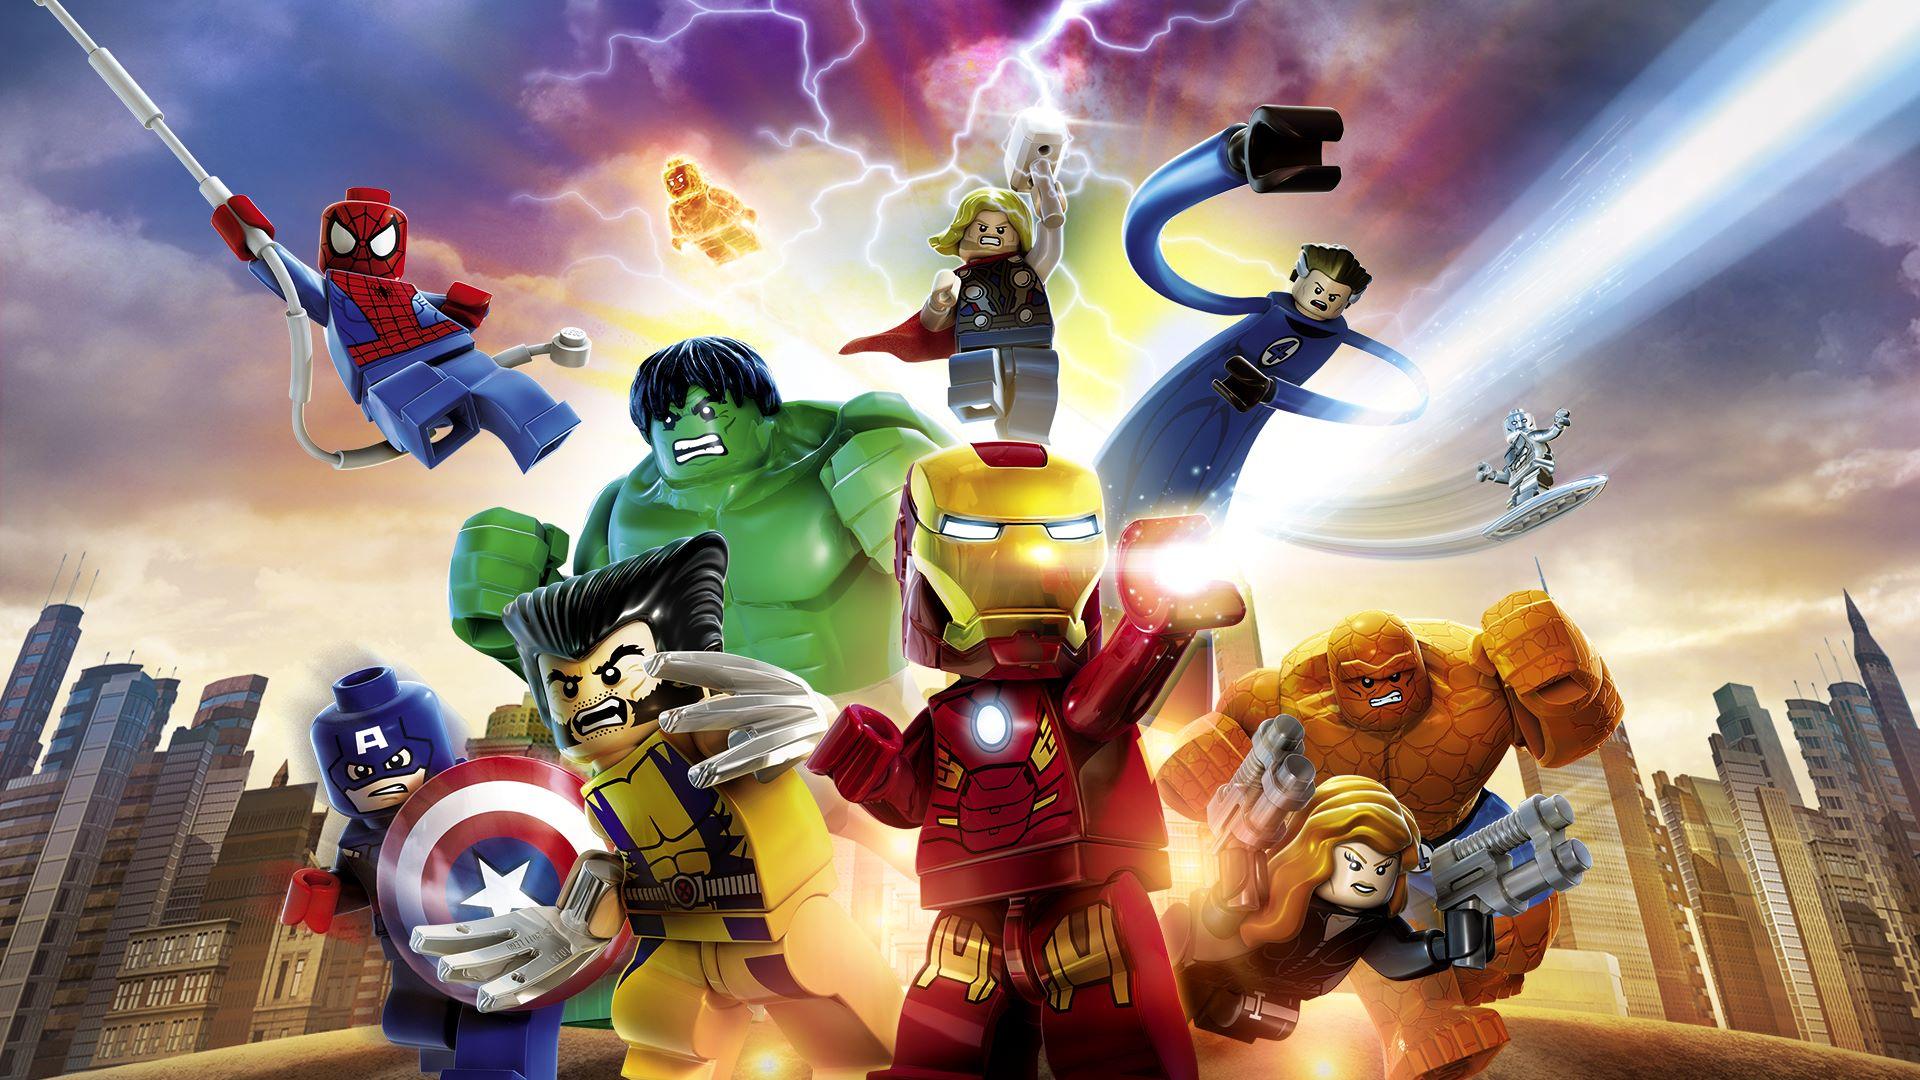 Le premier jeu de la collection contient une histoire non inspirée des films de Marvel